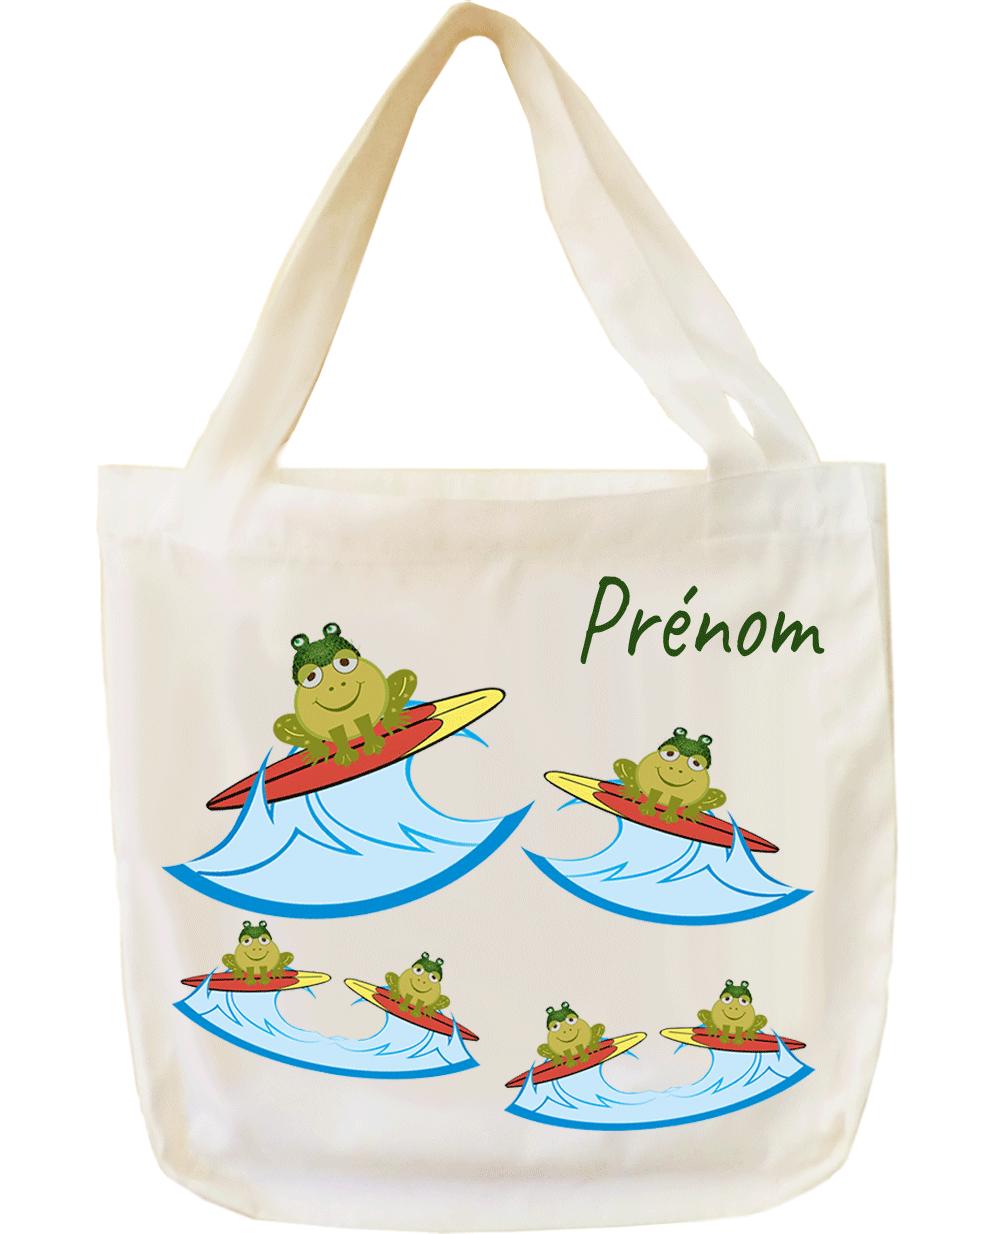 tote-bag;sac;cabas;texti;cadeaux;personnalisable;personnalisation;personnalise;prenom;animal;grenouille;surf;sport